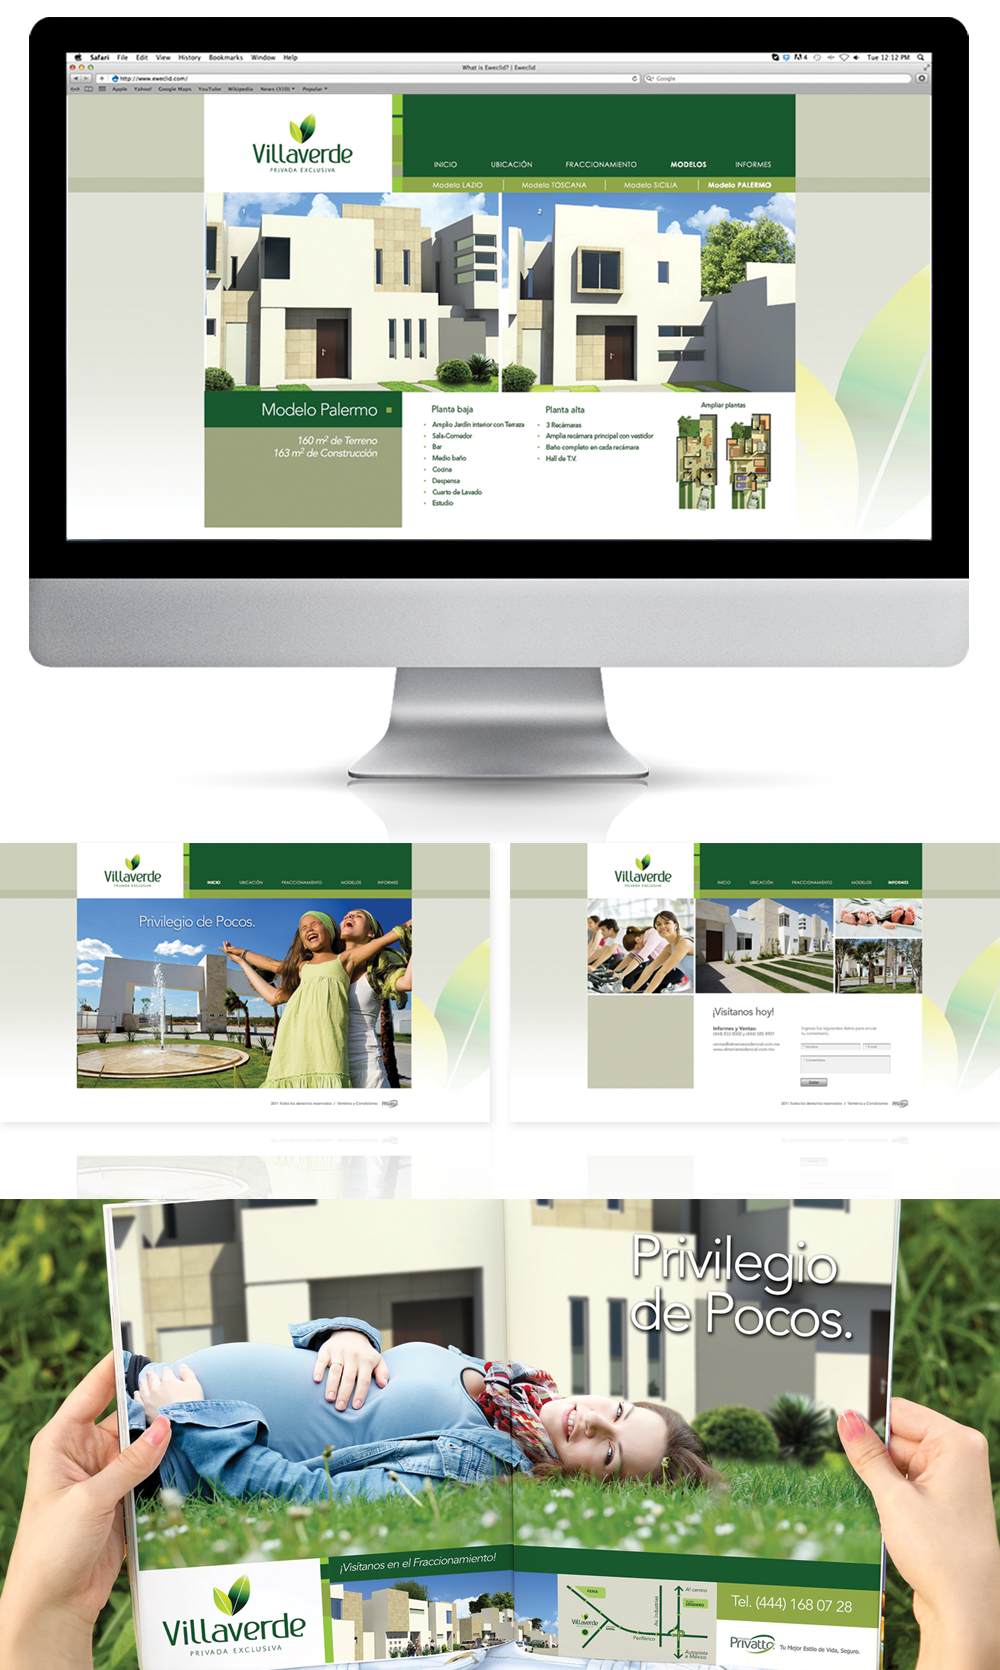 inmobiliaria brochure diseño gráfico campaña publicitaria